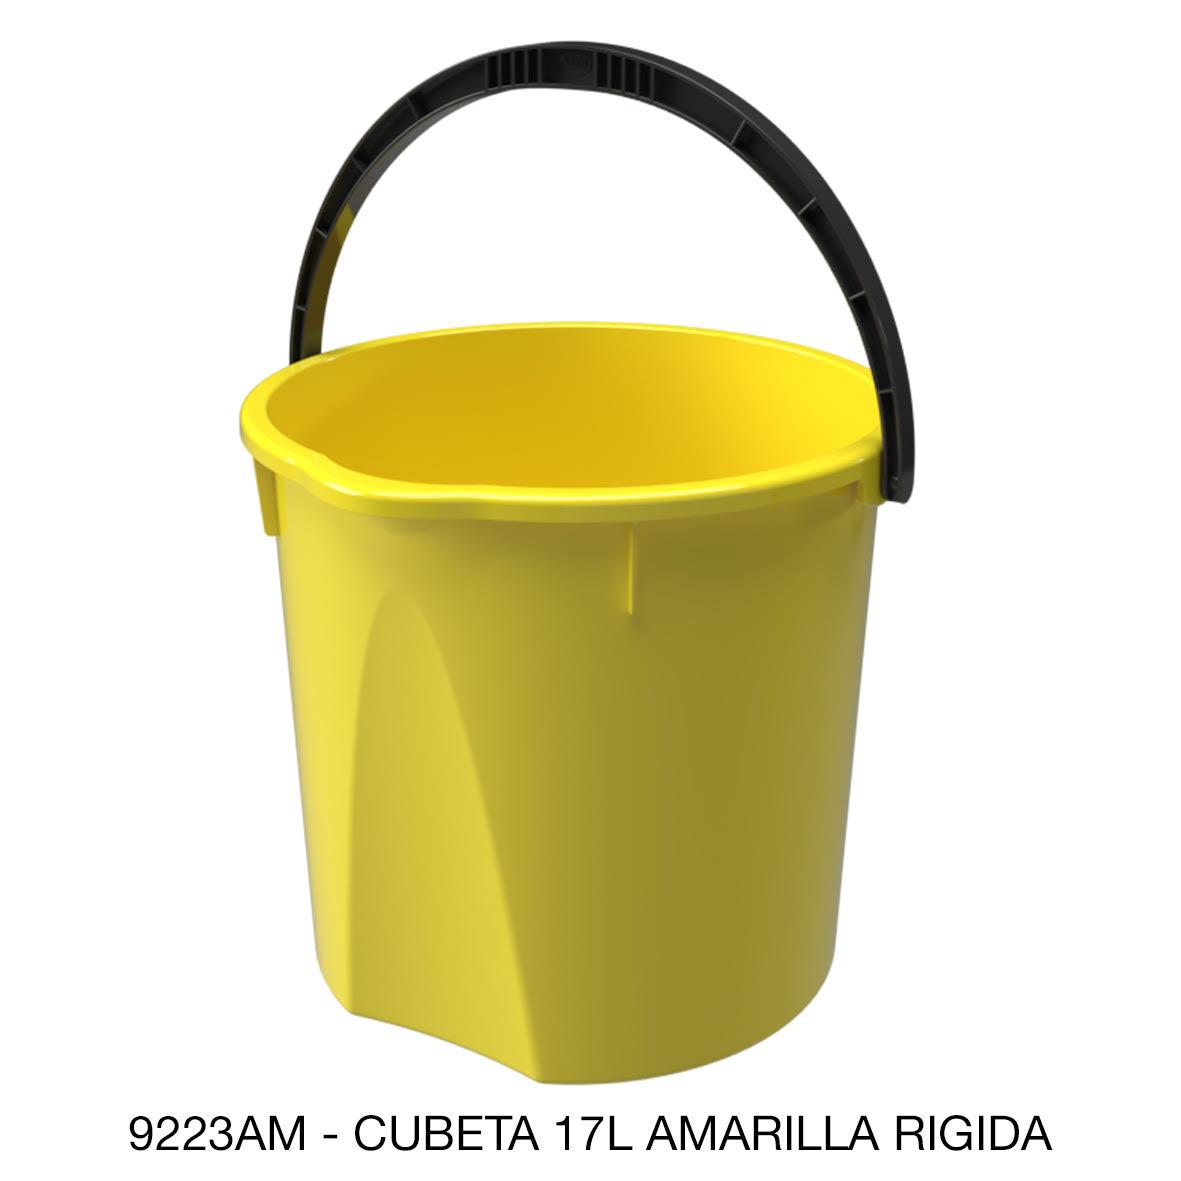 Cubeta resistente de 17 litros rígida color amarillo modelo 9223AM de Sablón